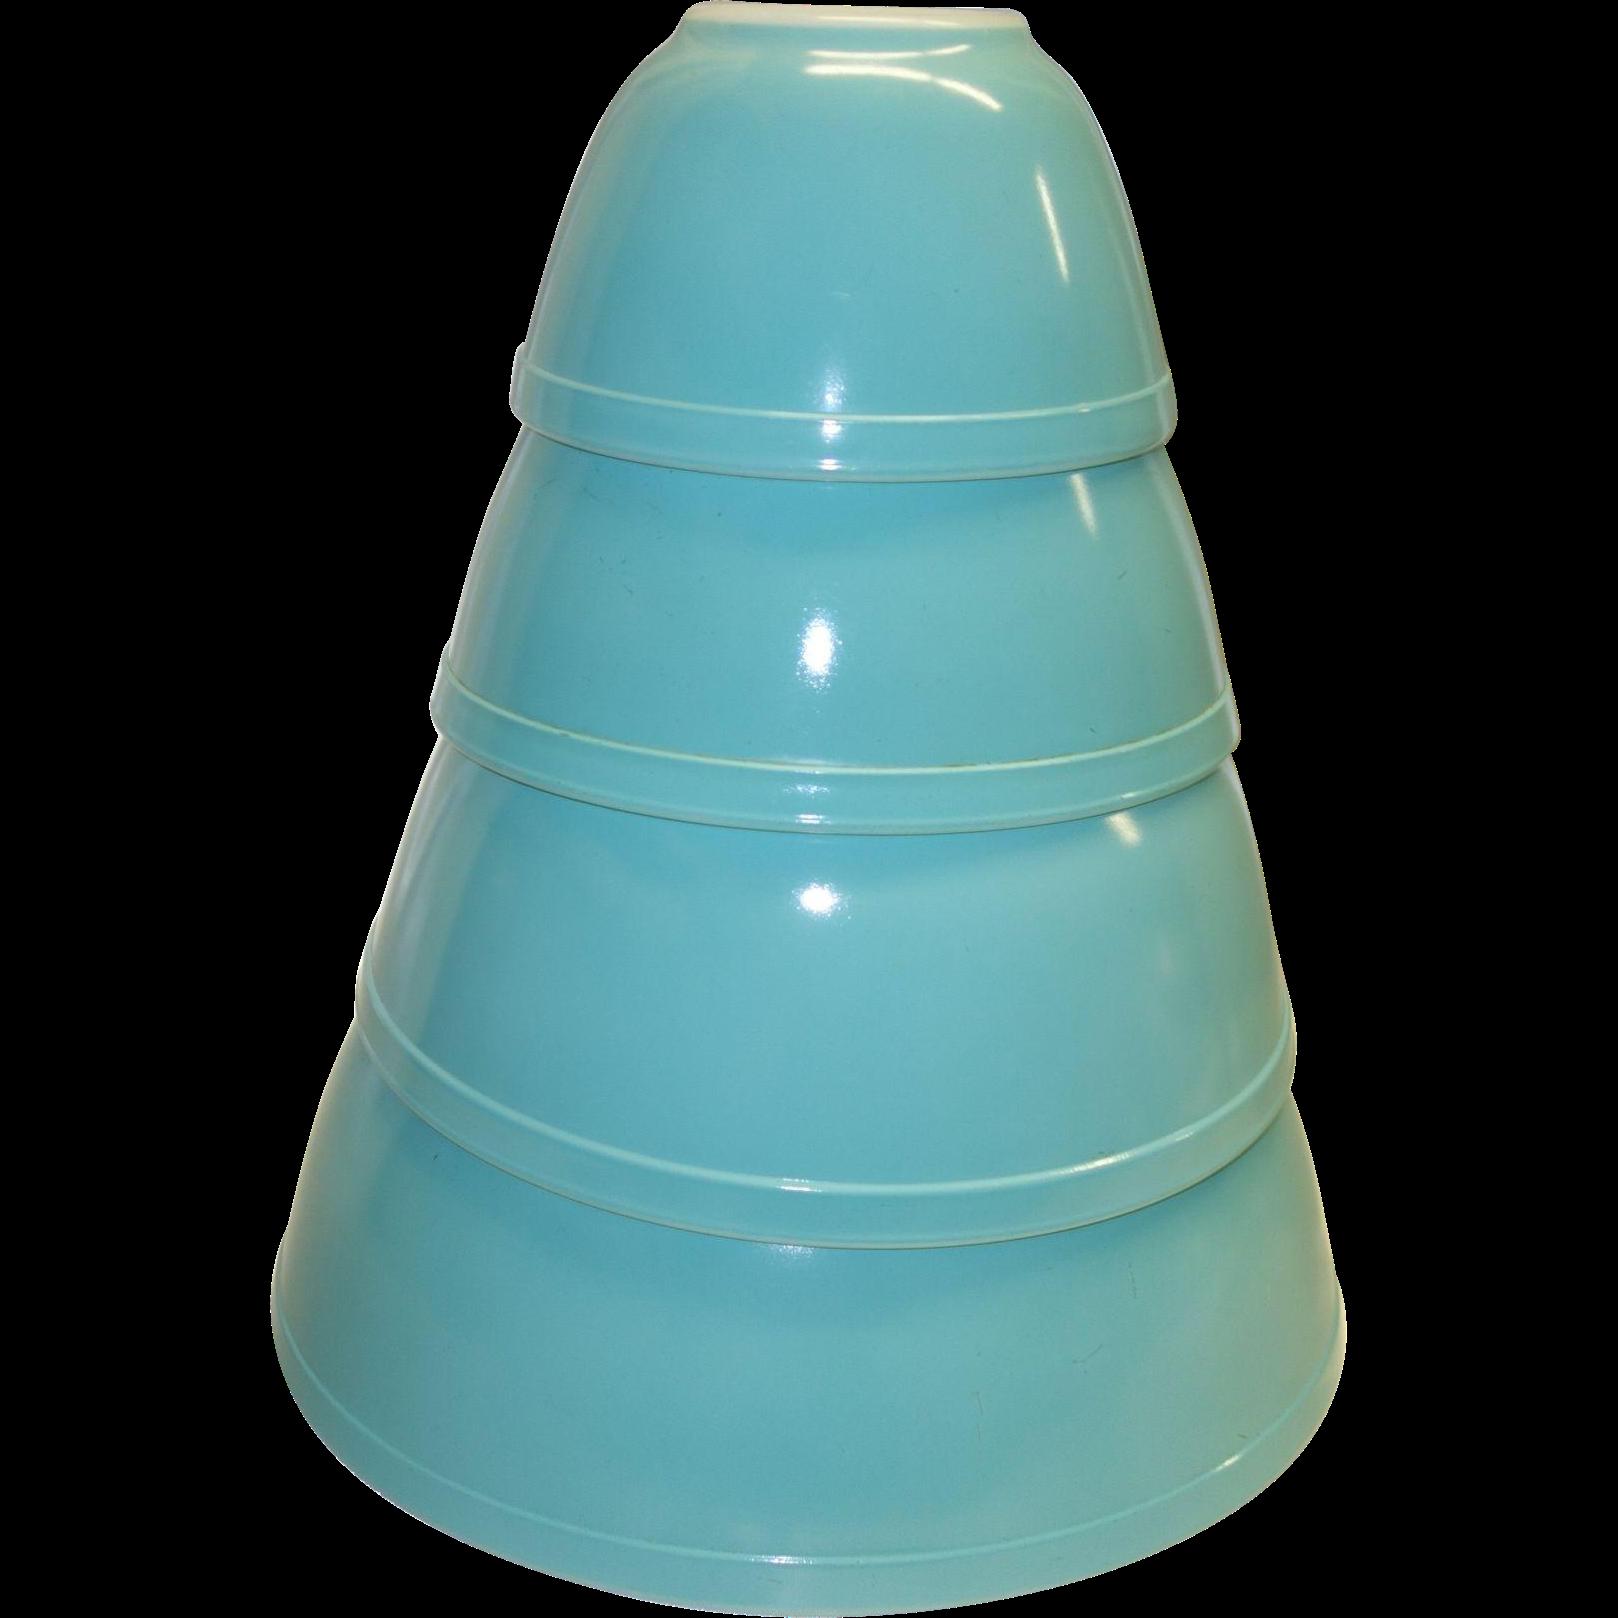 Vintage Pyrex Turquoise Mixing Bowl Set